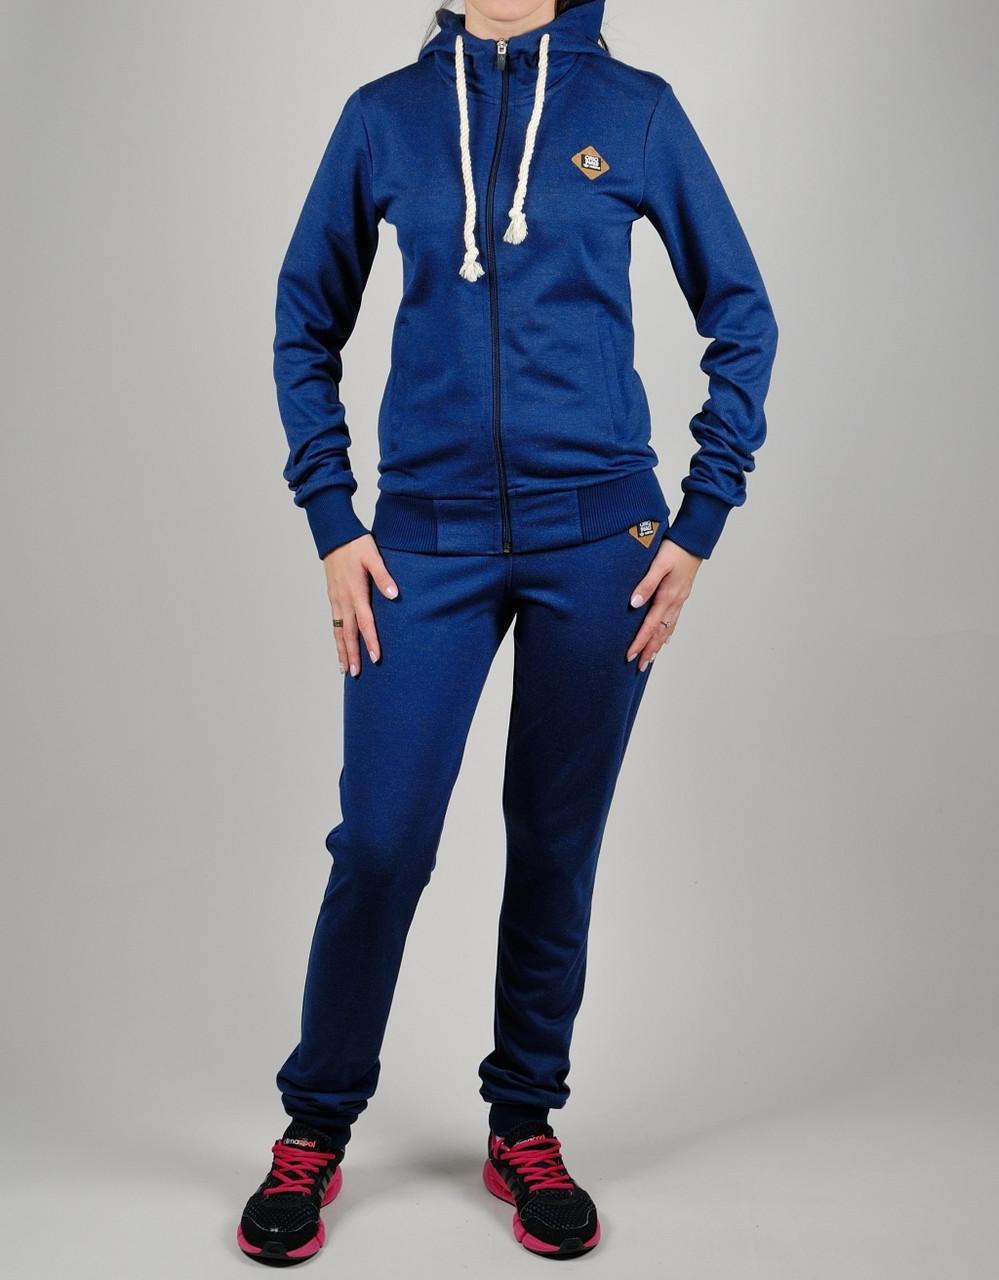 Женский спортивный костюм Adidas Originals 7168 Синий - Брендовая одежда от  интернет-магазина «Trendy c414ffdda6d